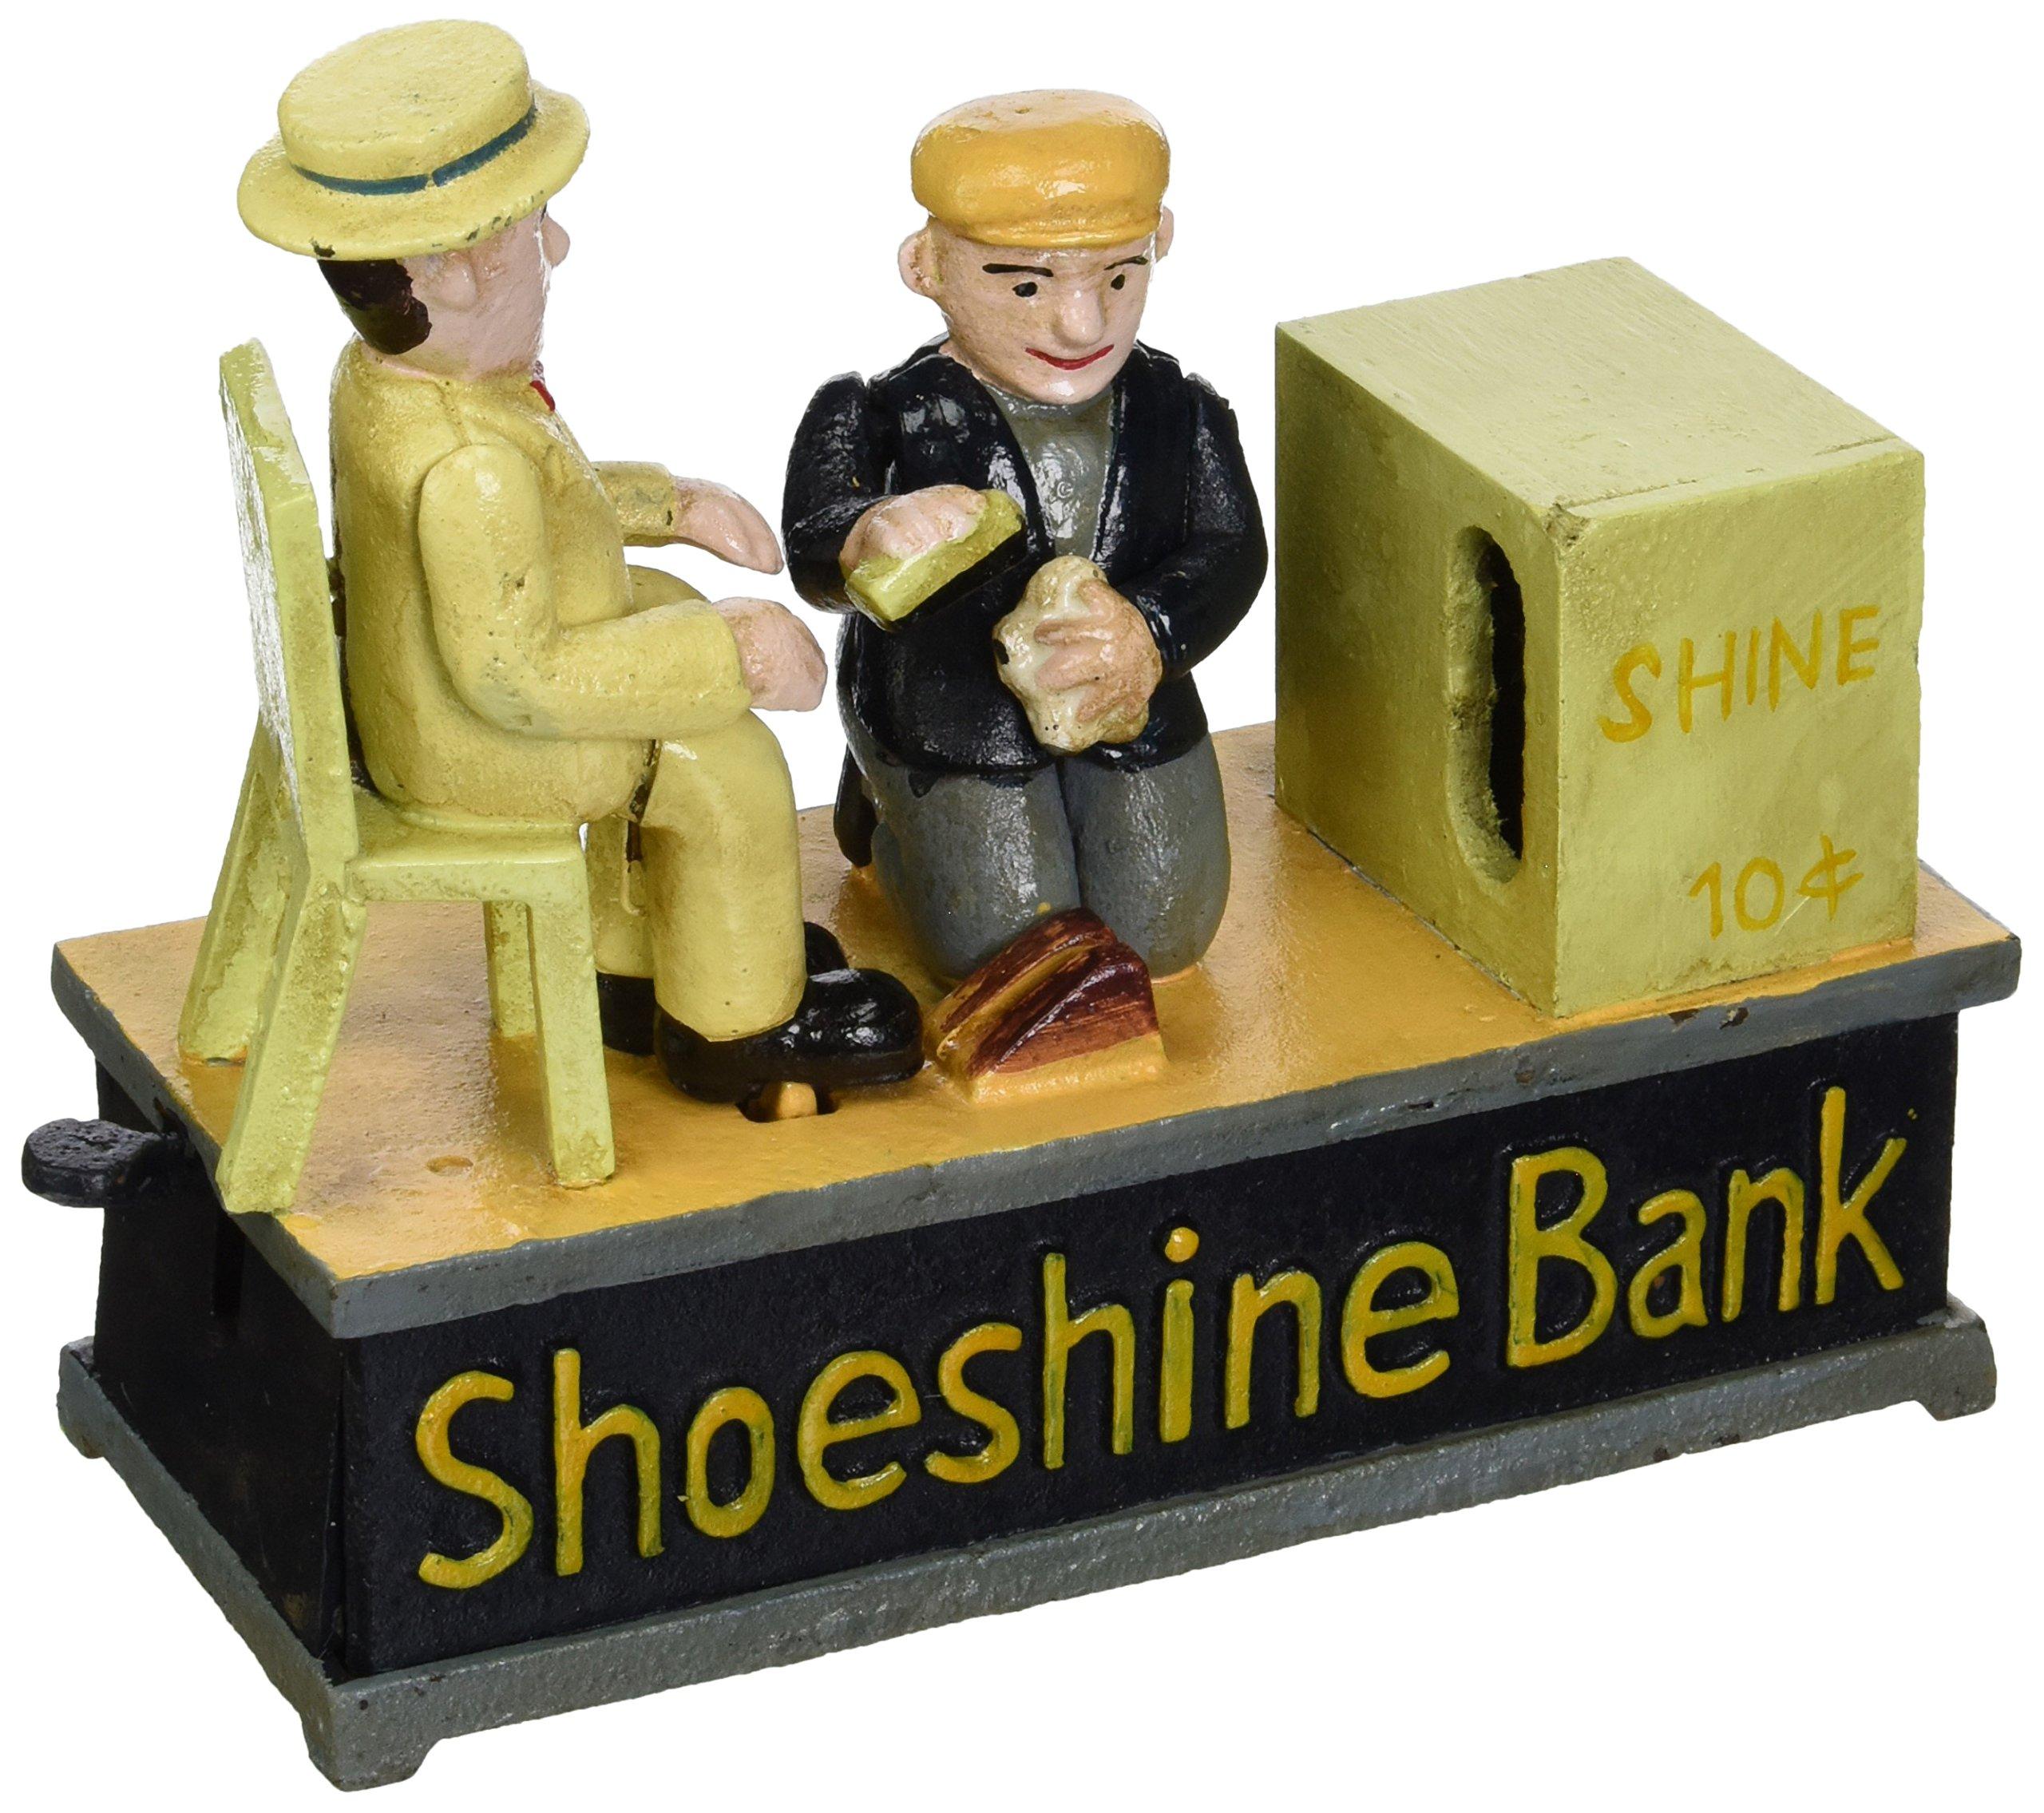 Shoe Shine Bank